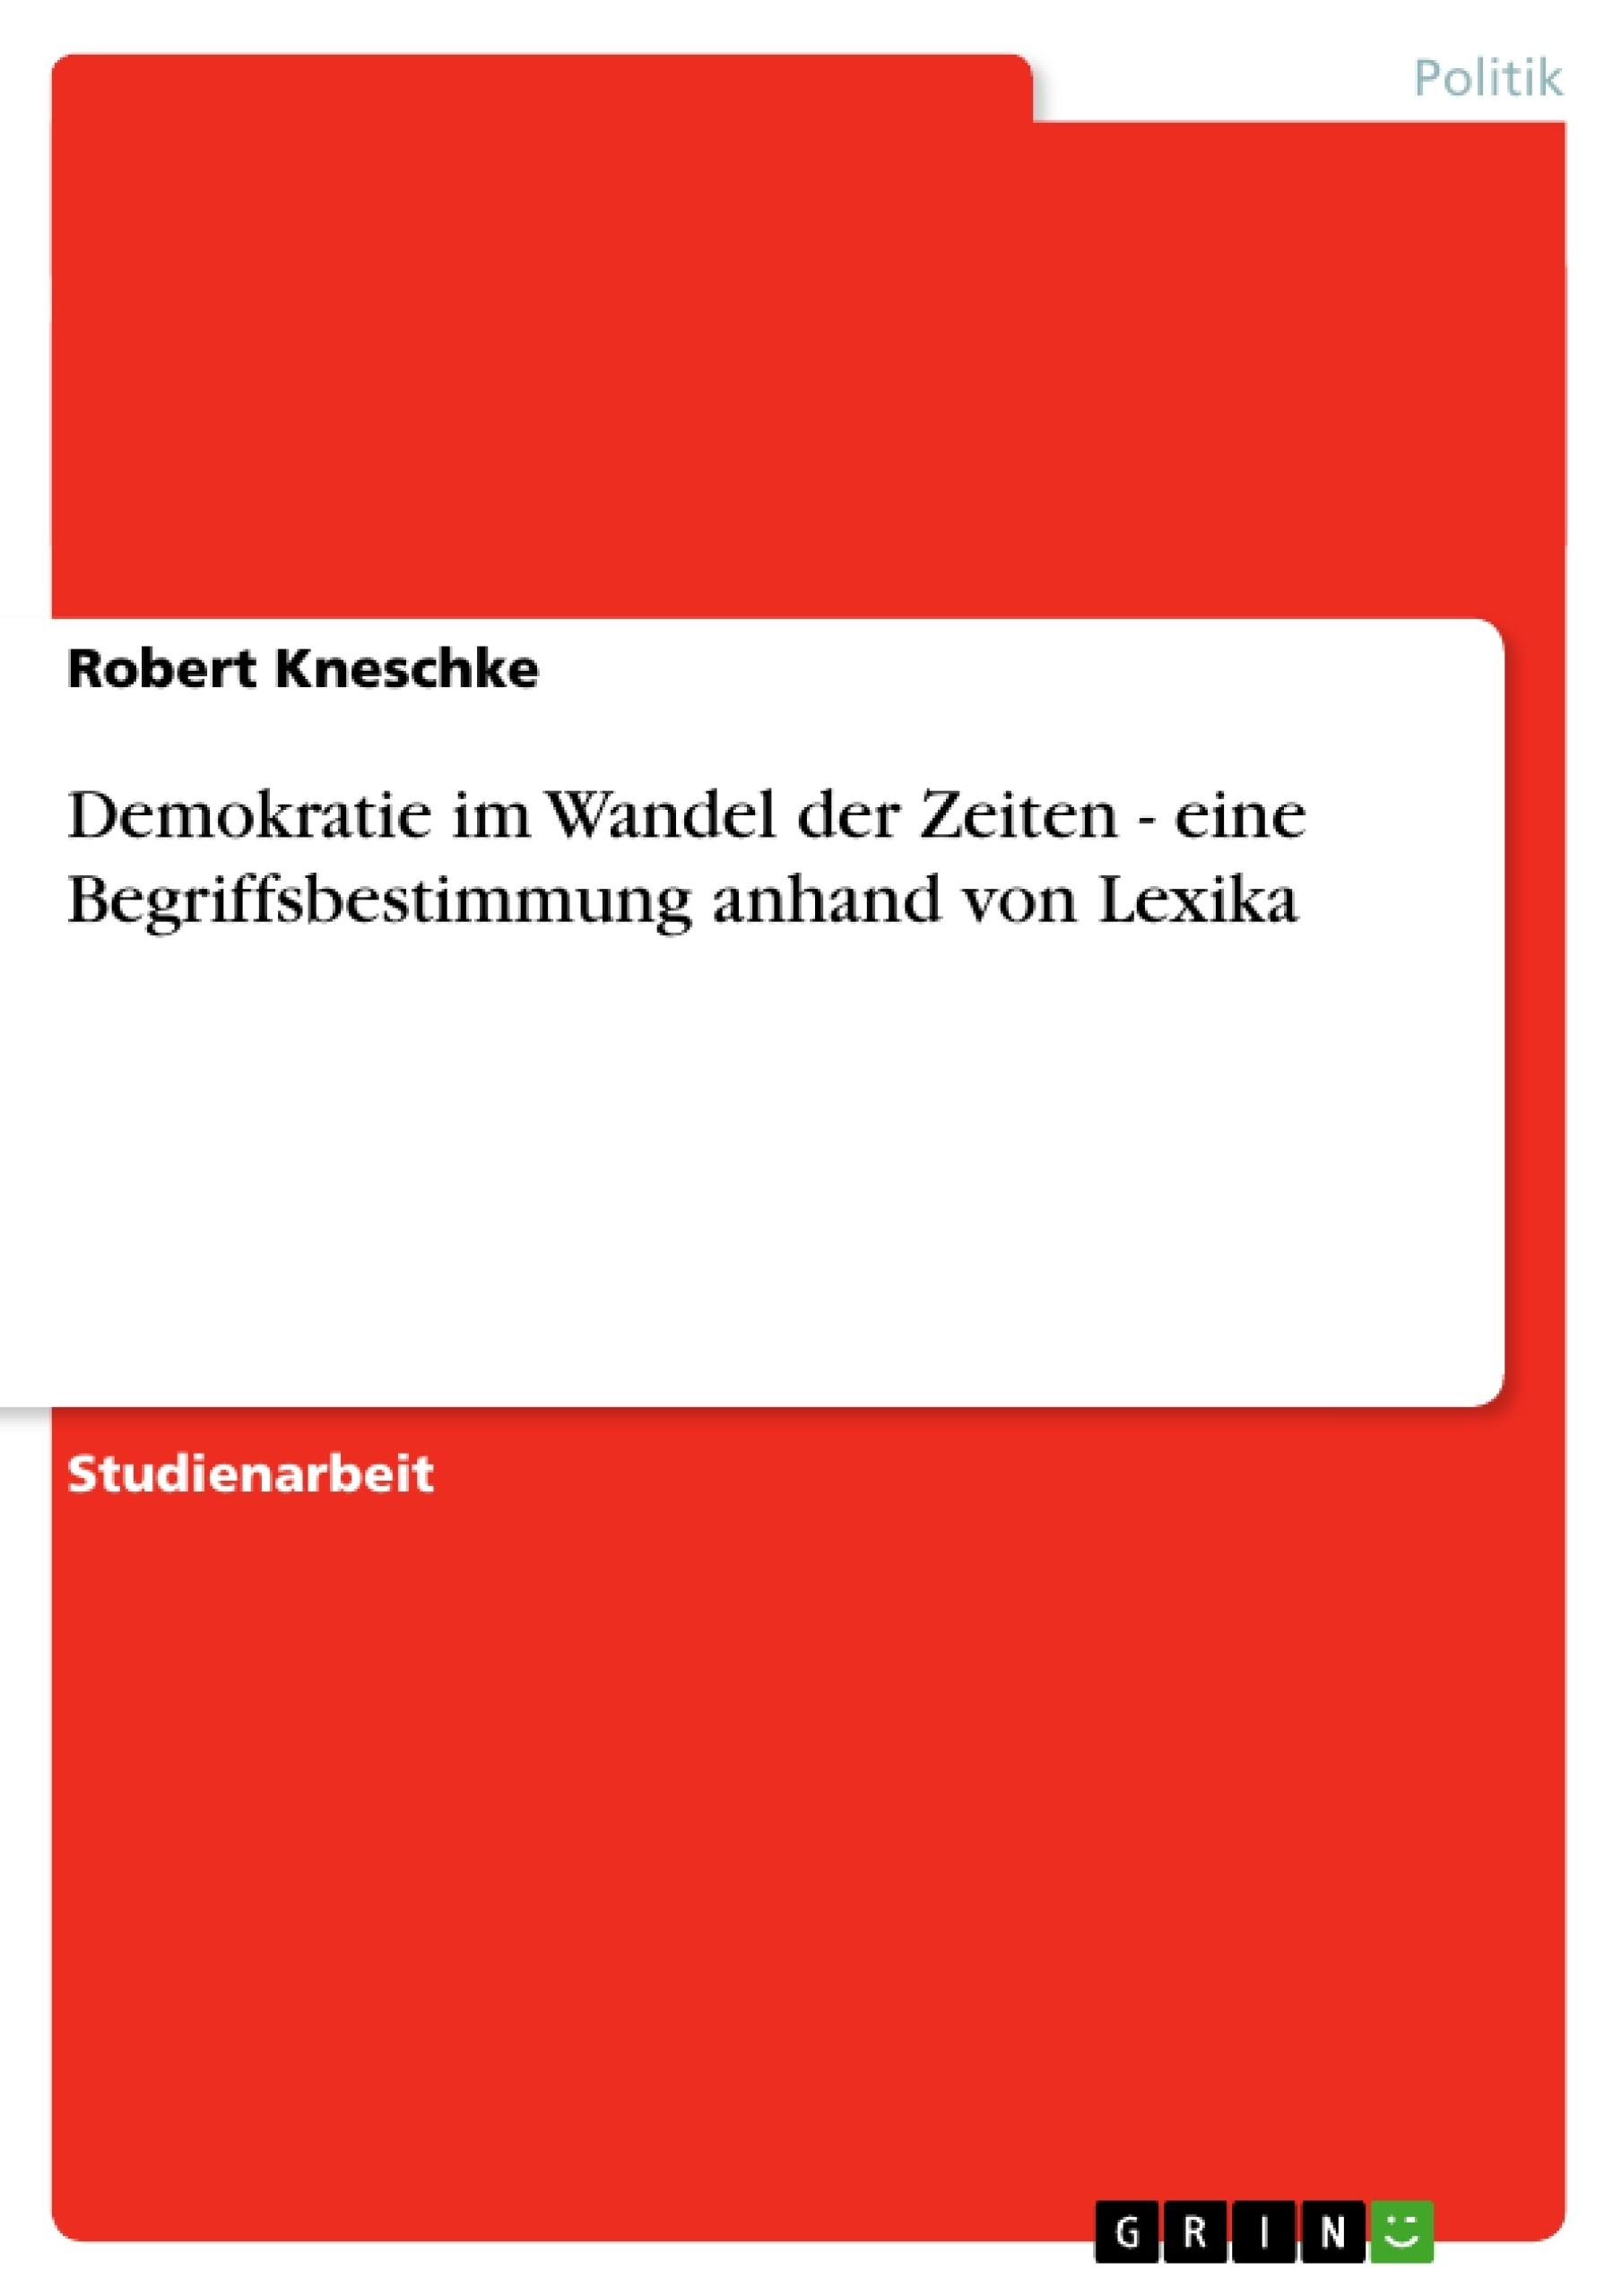 Titel: Demokratie im Wandel der Zeiten - eine Begriffsbestimmung anhand von Lexika